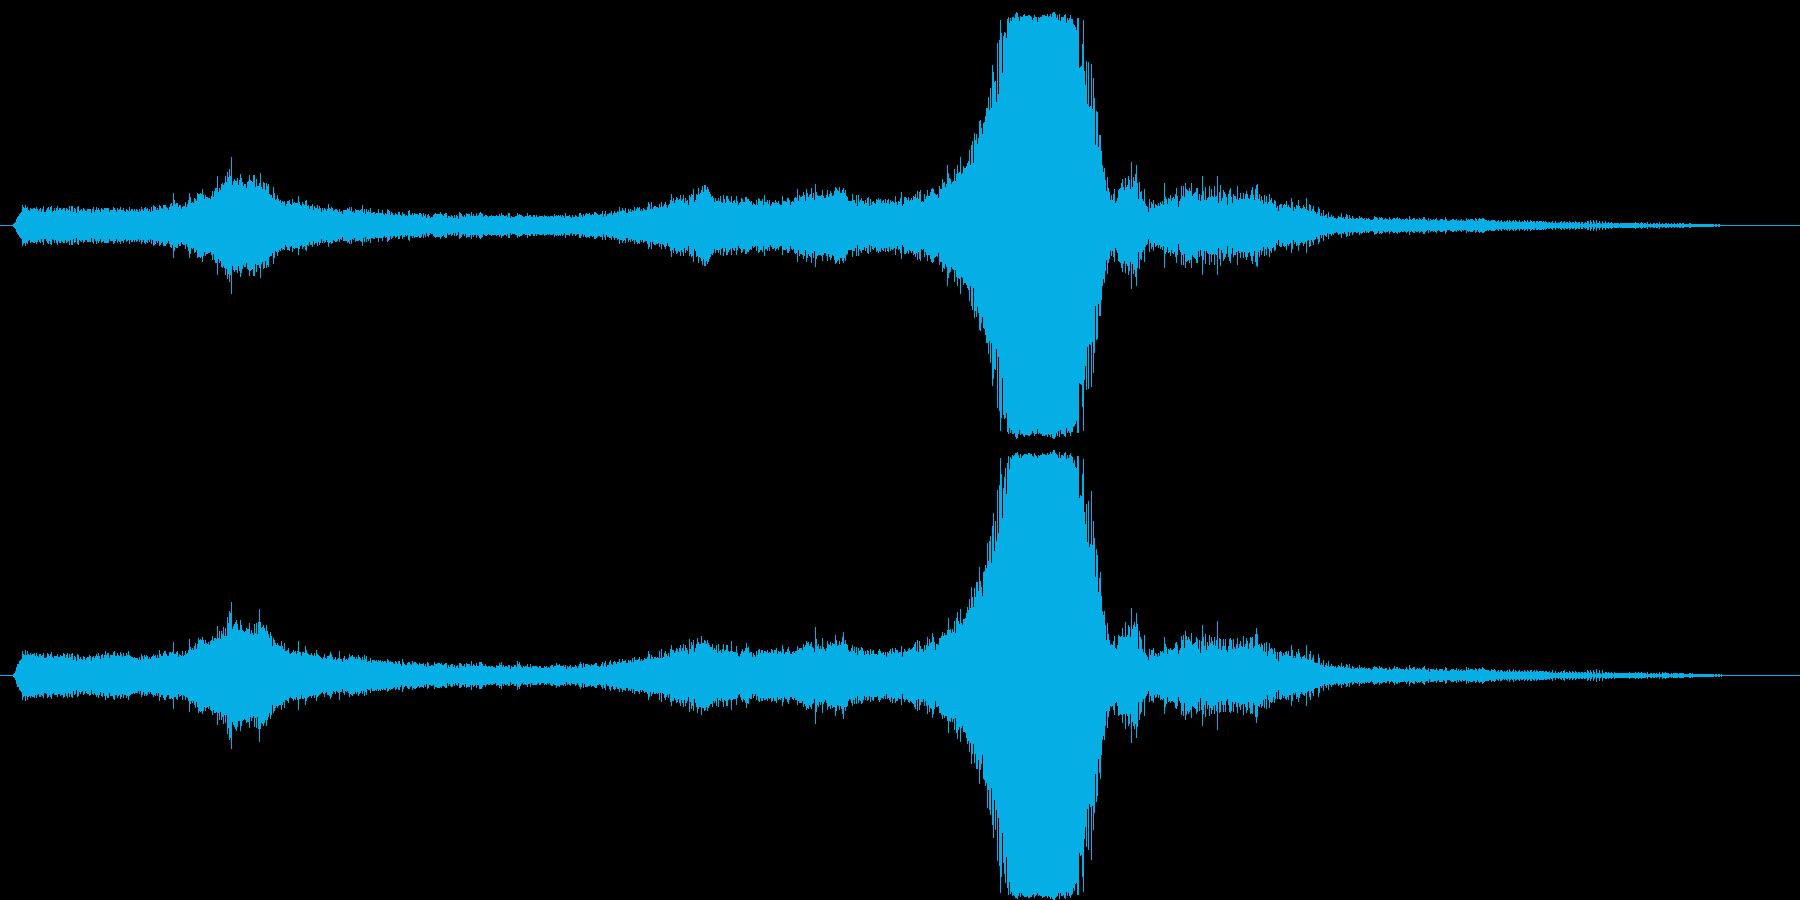 ハリアー:離陸垂直;離陸のパチパチ...の再生済みの波形